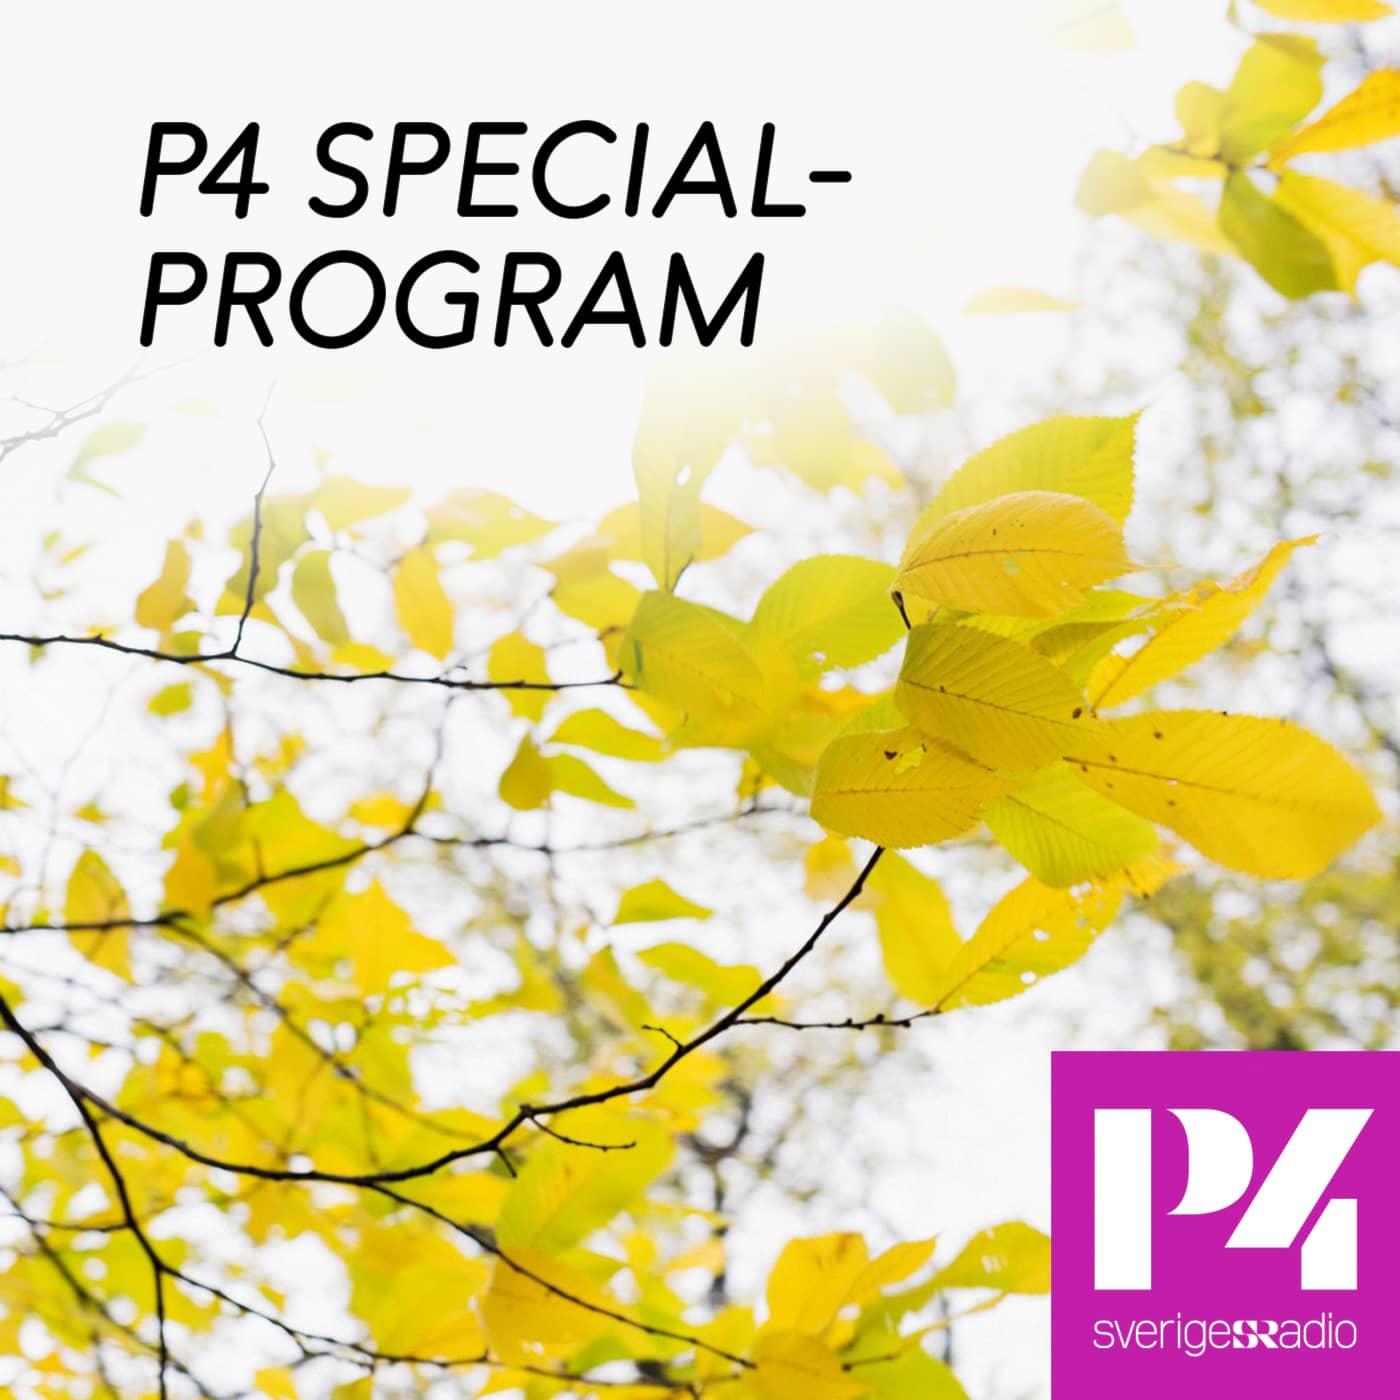 Specialprogram i P4